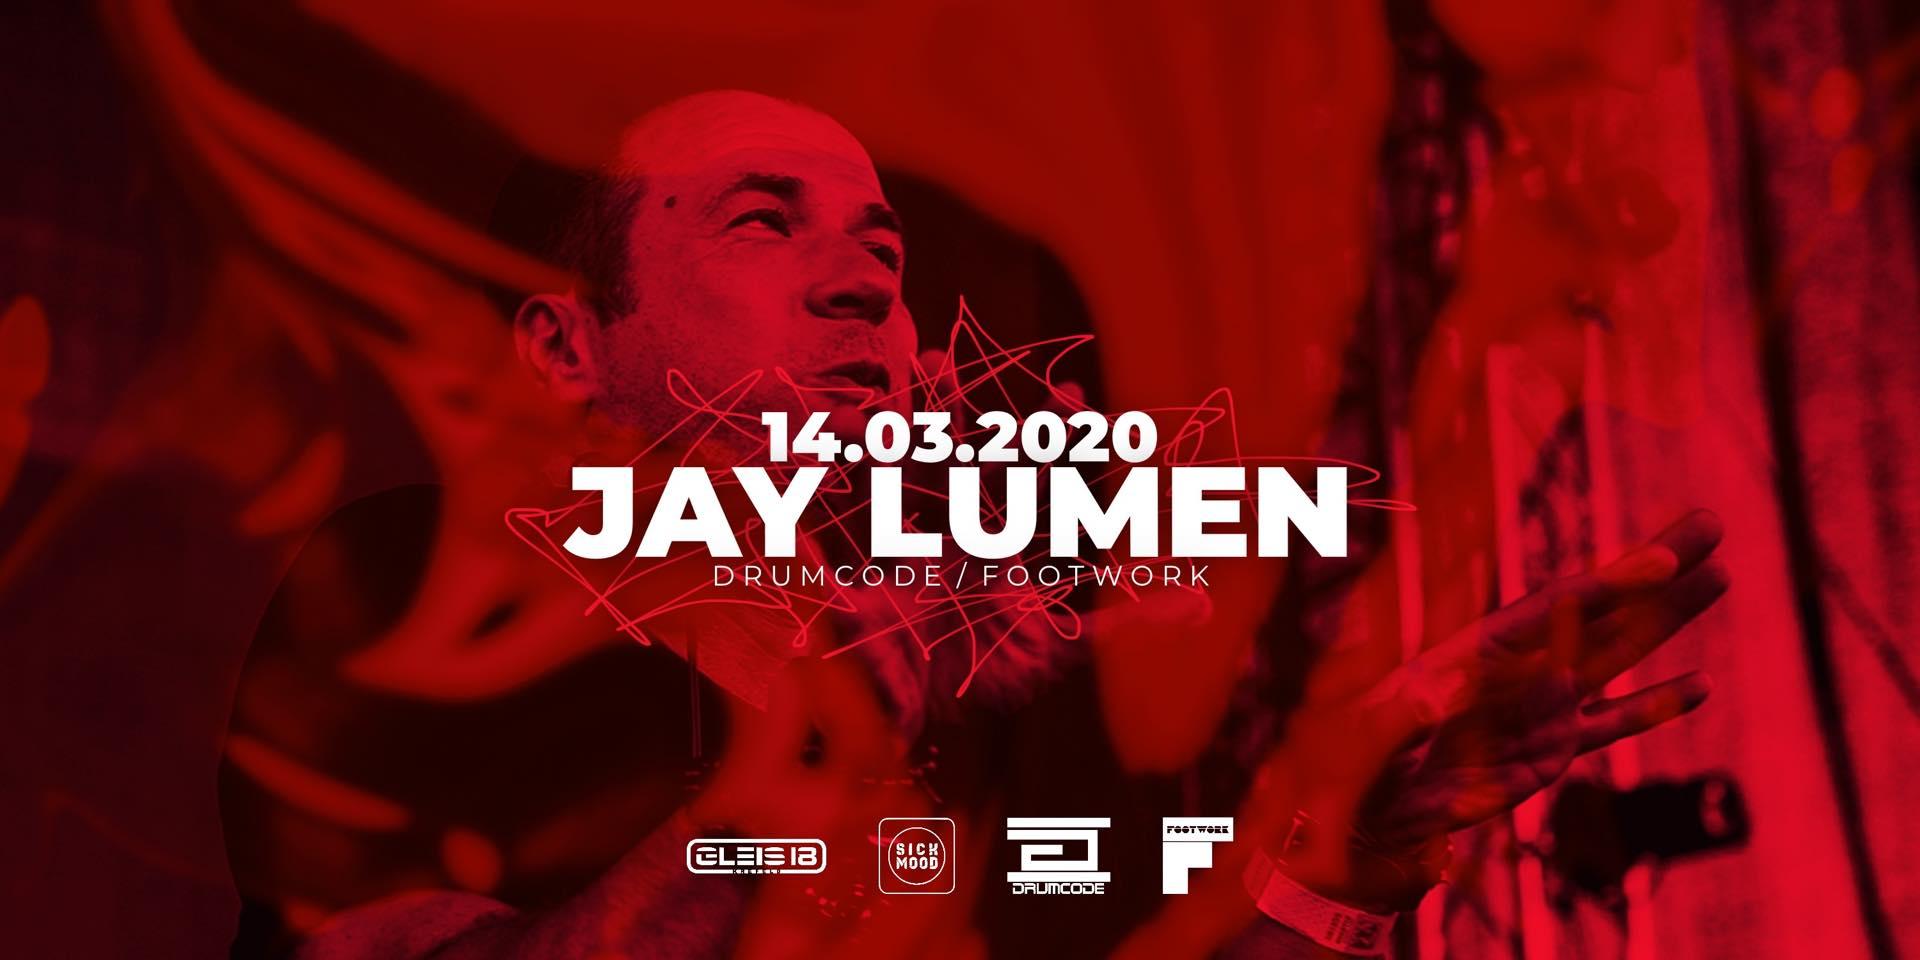 SICK MOOD w/ Jay Lumen ( Drumcode / Footwork )